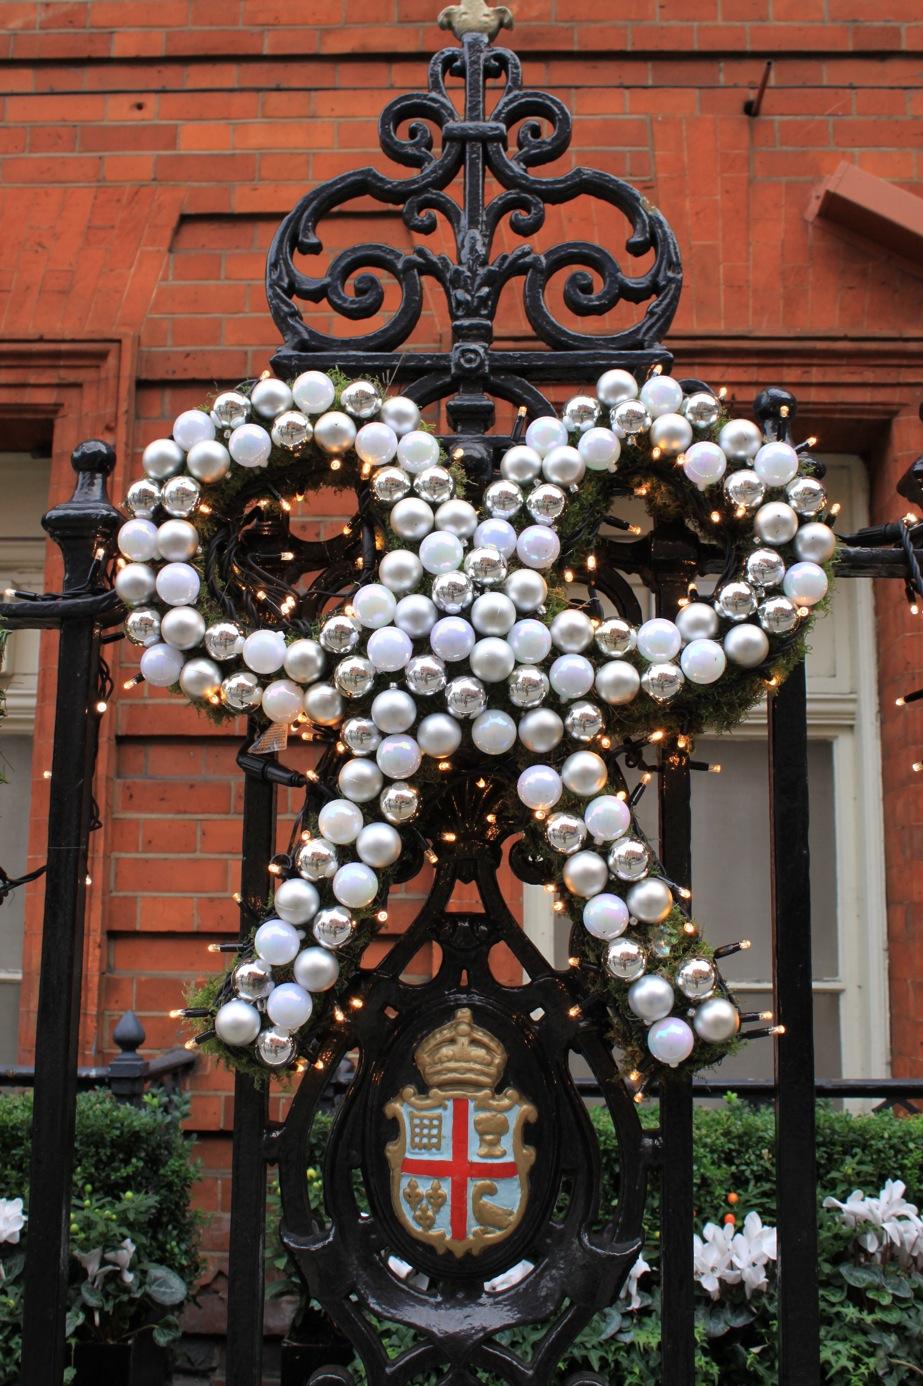 すでにクリスマスなロンドン街角より_a0137487_1591120.jpg